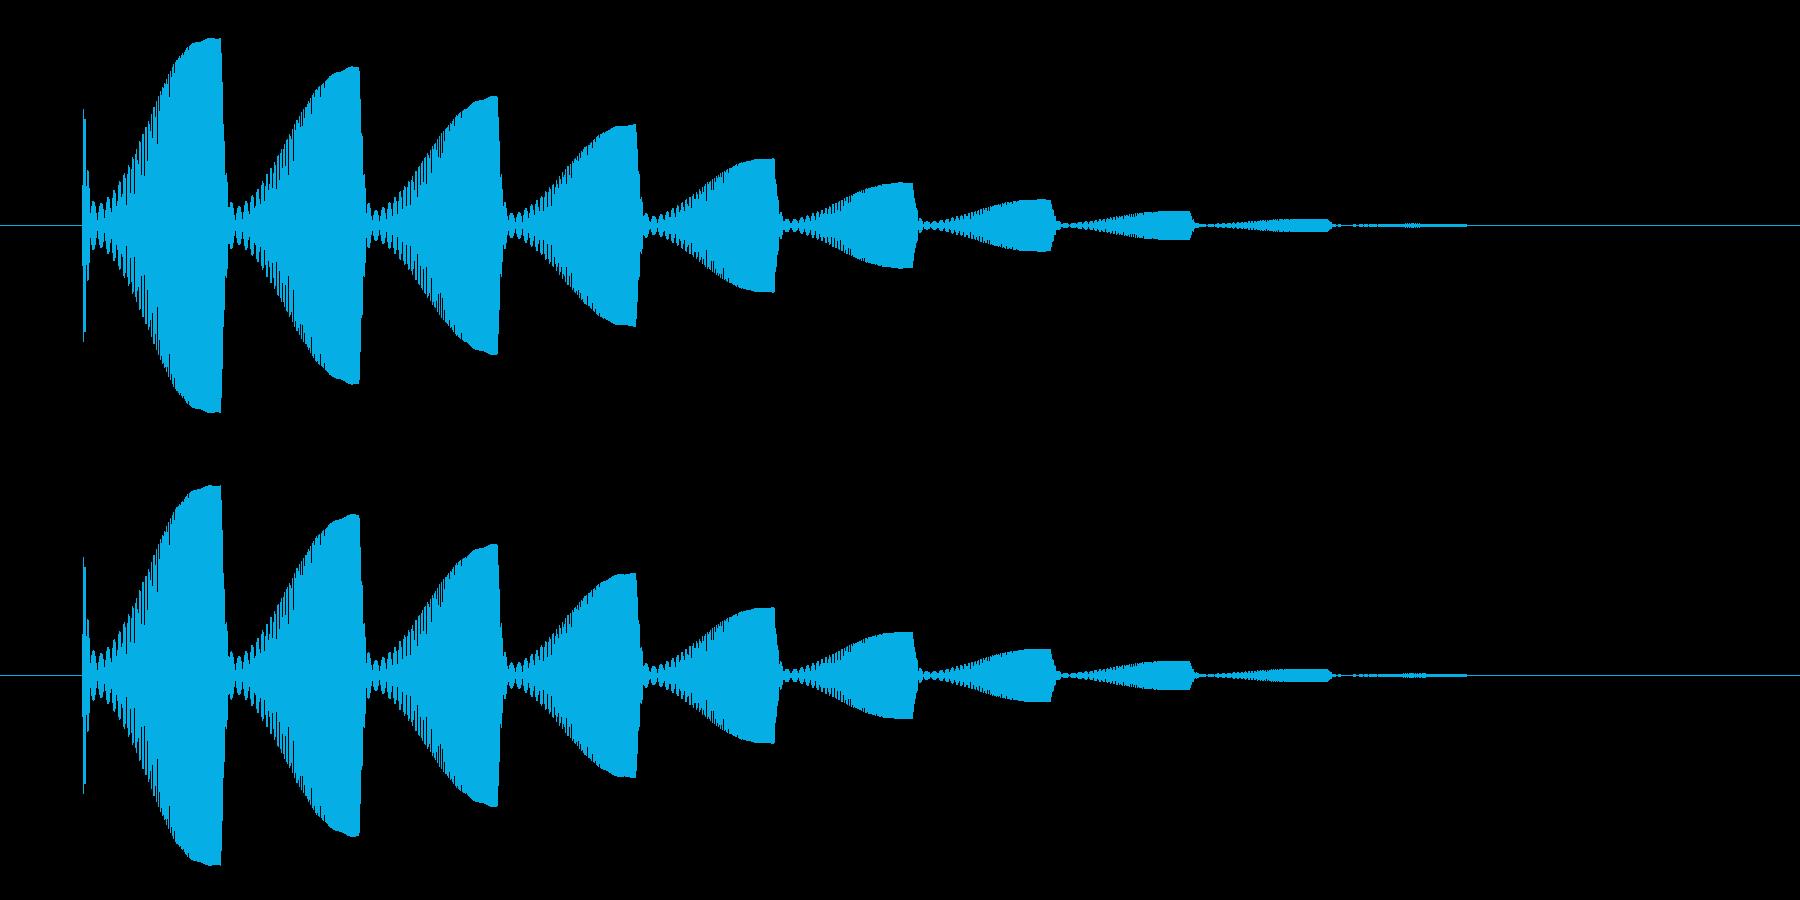 水の中から浮かび上がる泡っぽい効果音で…の再生済みの波形